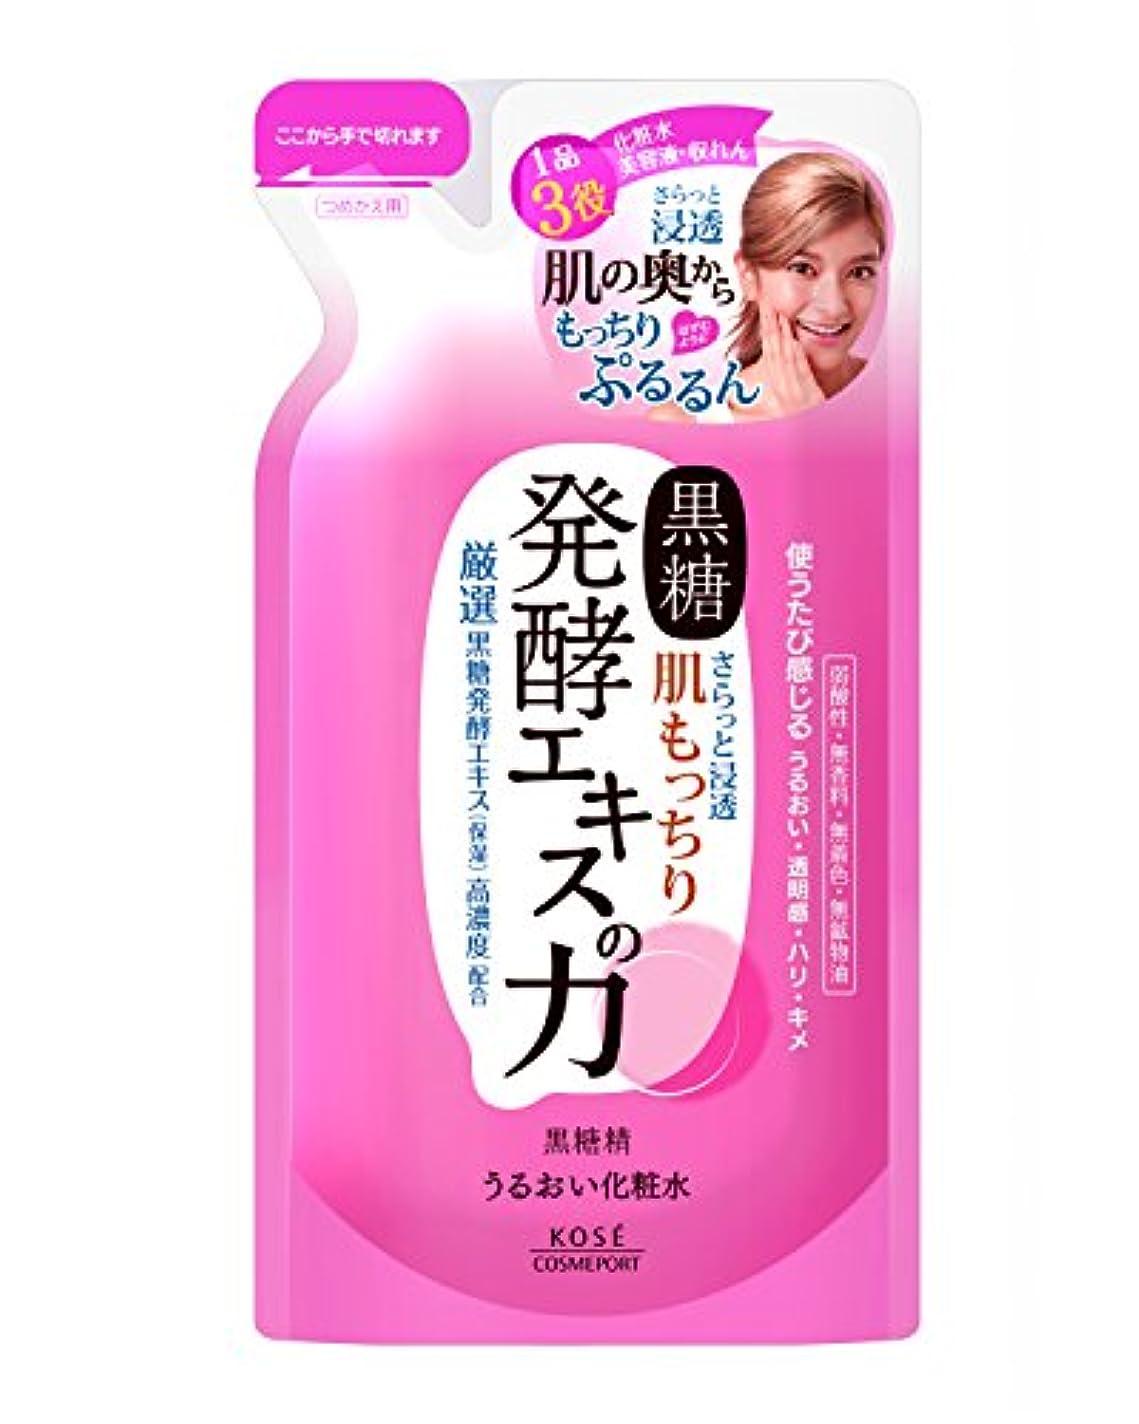 意図する大気疼痛KOSE コーセー 黒糖精 うるおい化粧水  つめかえ 160ml